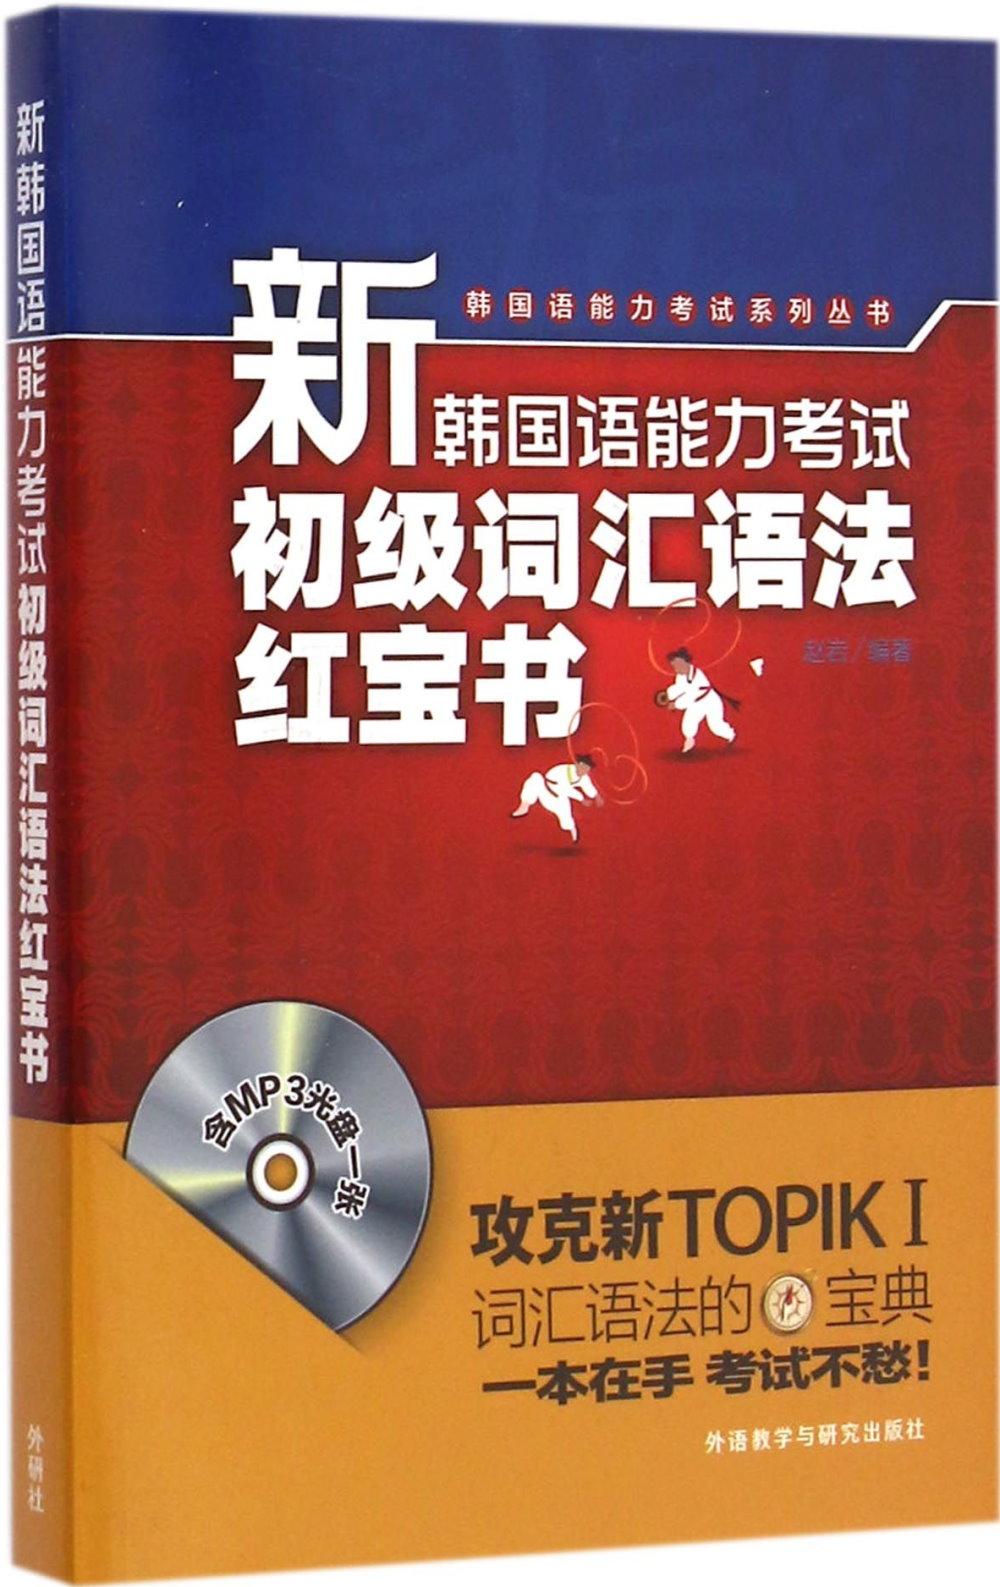 新韓國語能力考試初級詞匯語法紅寶書